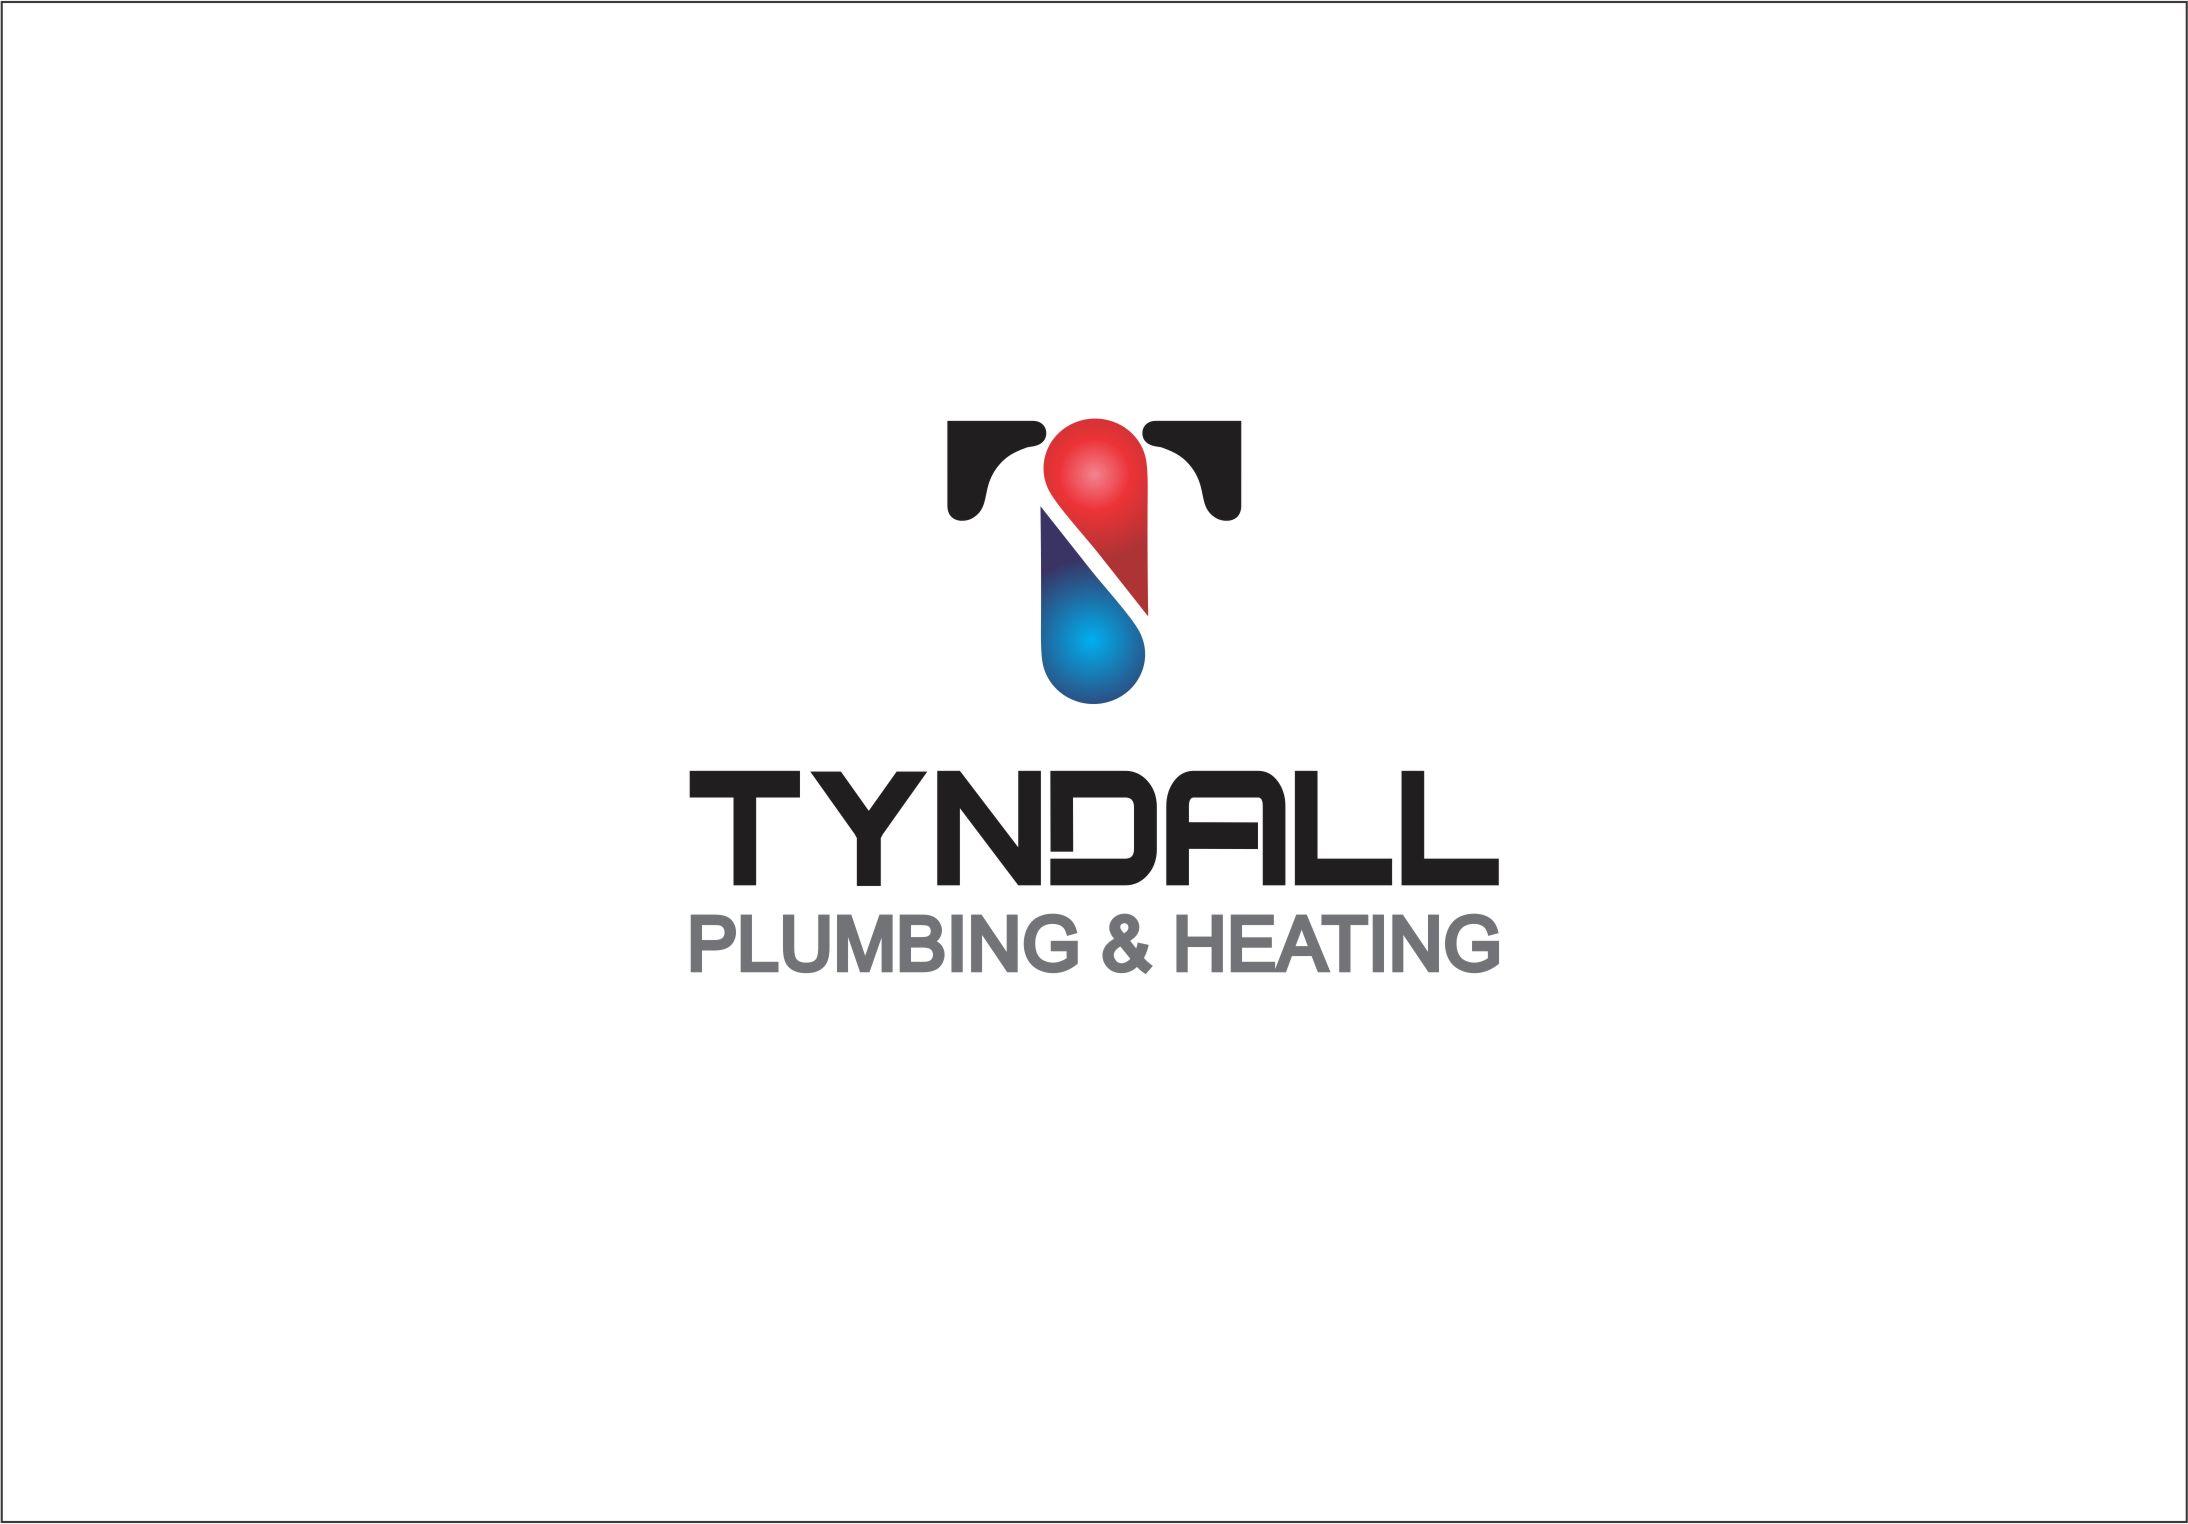 Logo Design by Nikola Kapunac - Entry No. 126 in the Logo Design Contest Imaginative Logo Design for Tyndall Plumbing & Heating.